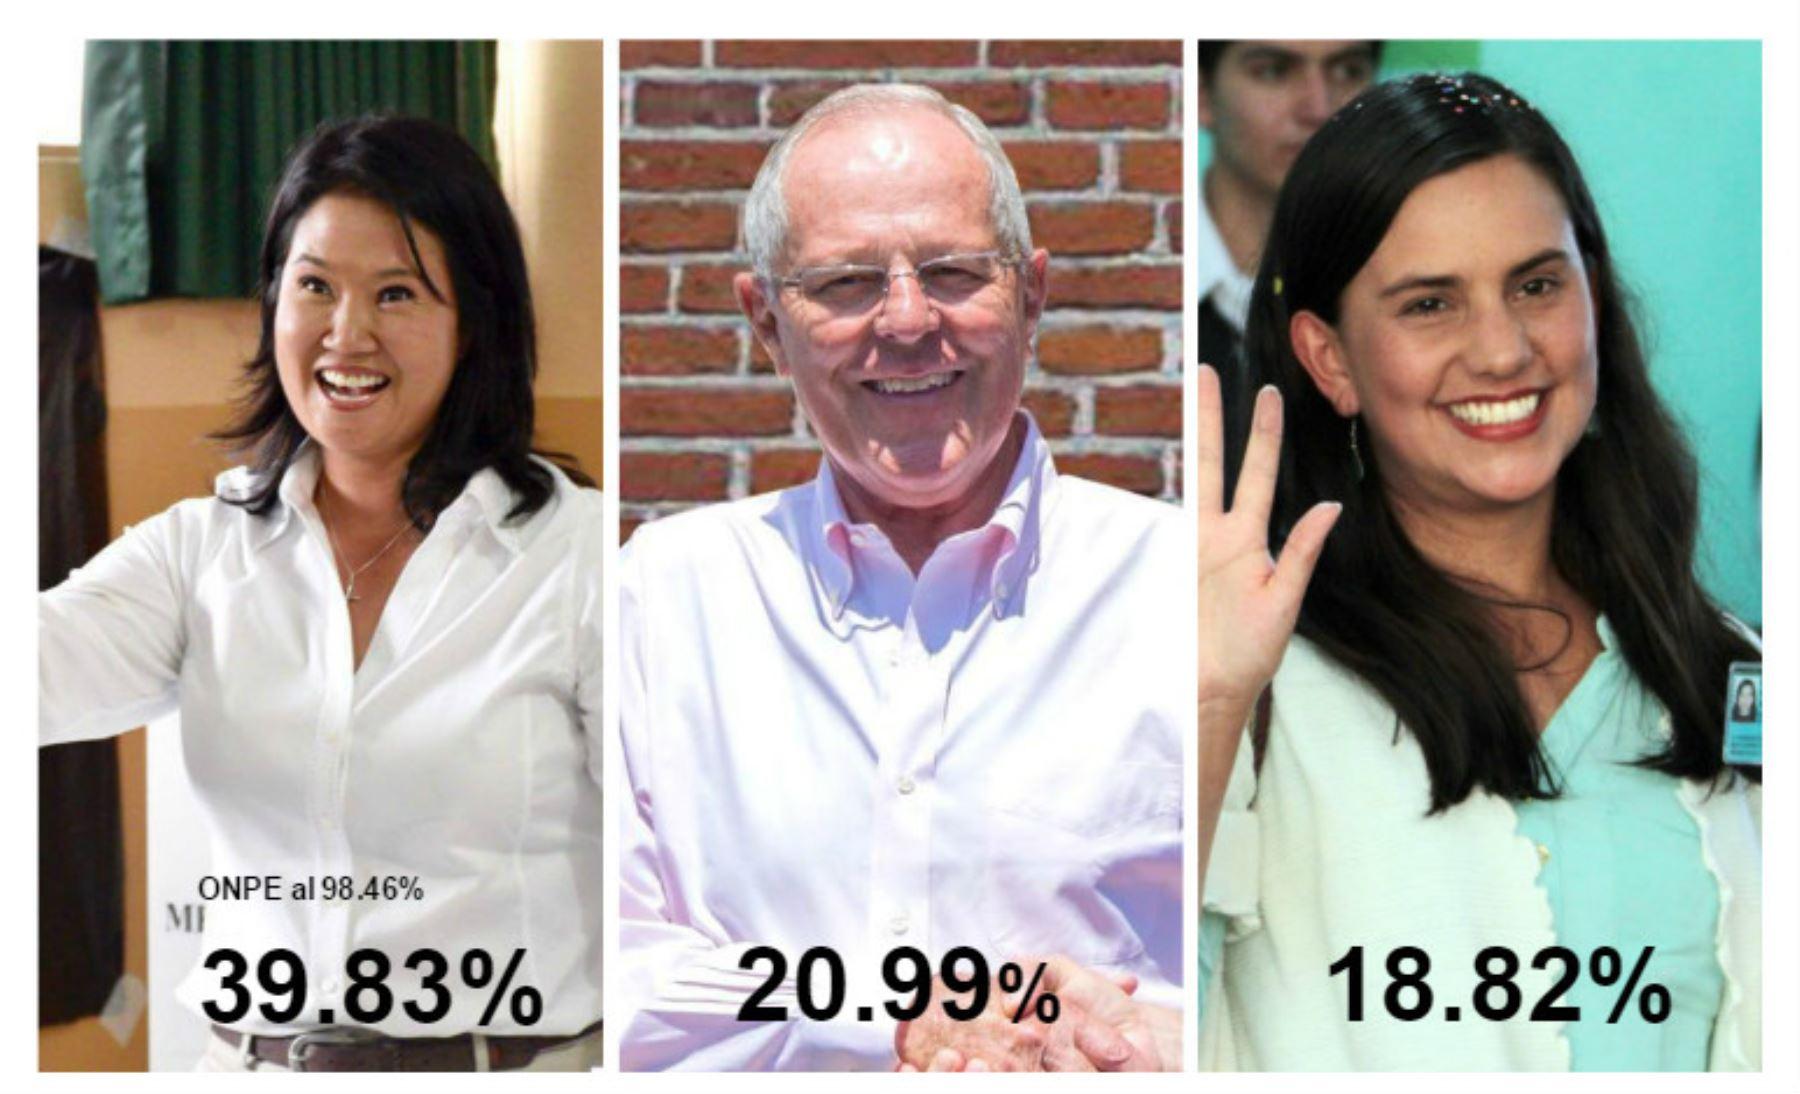 Conteo de Votos ONPE al 98.46%